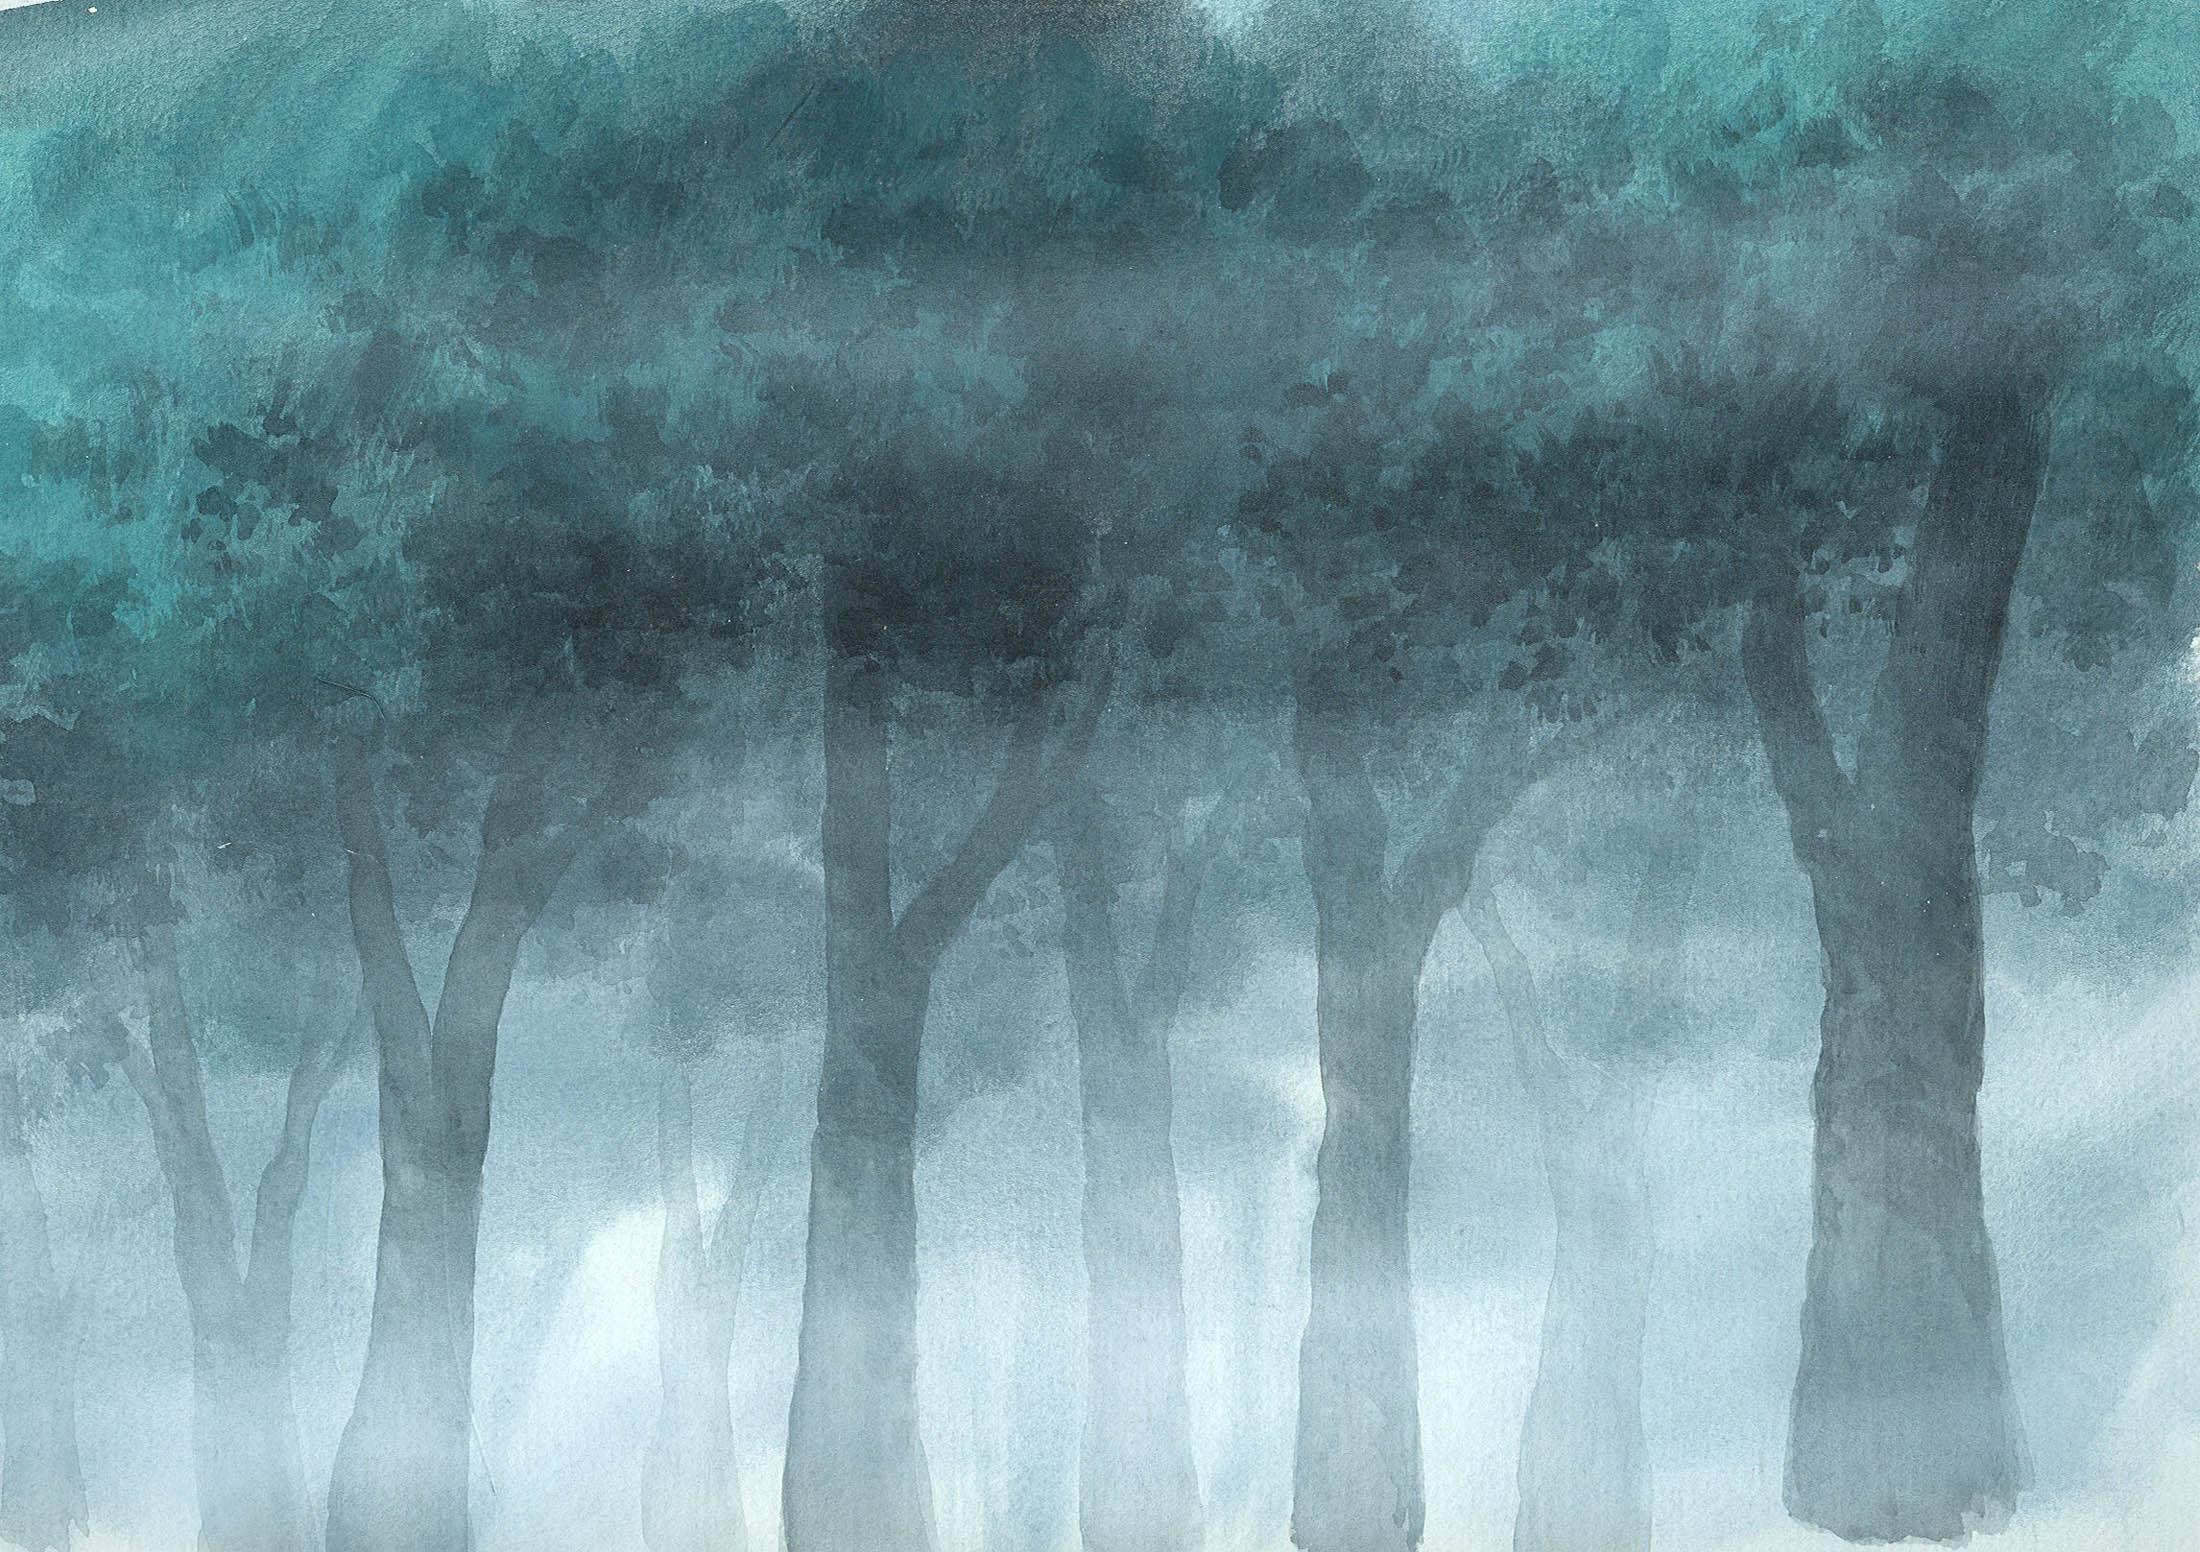 Misty Forest 3 2200 x 1552 Krafty